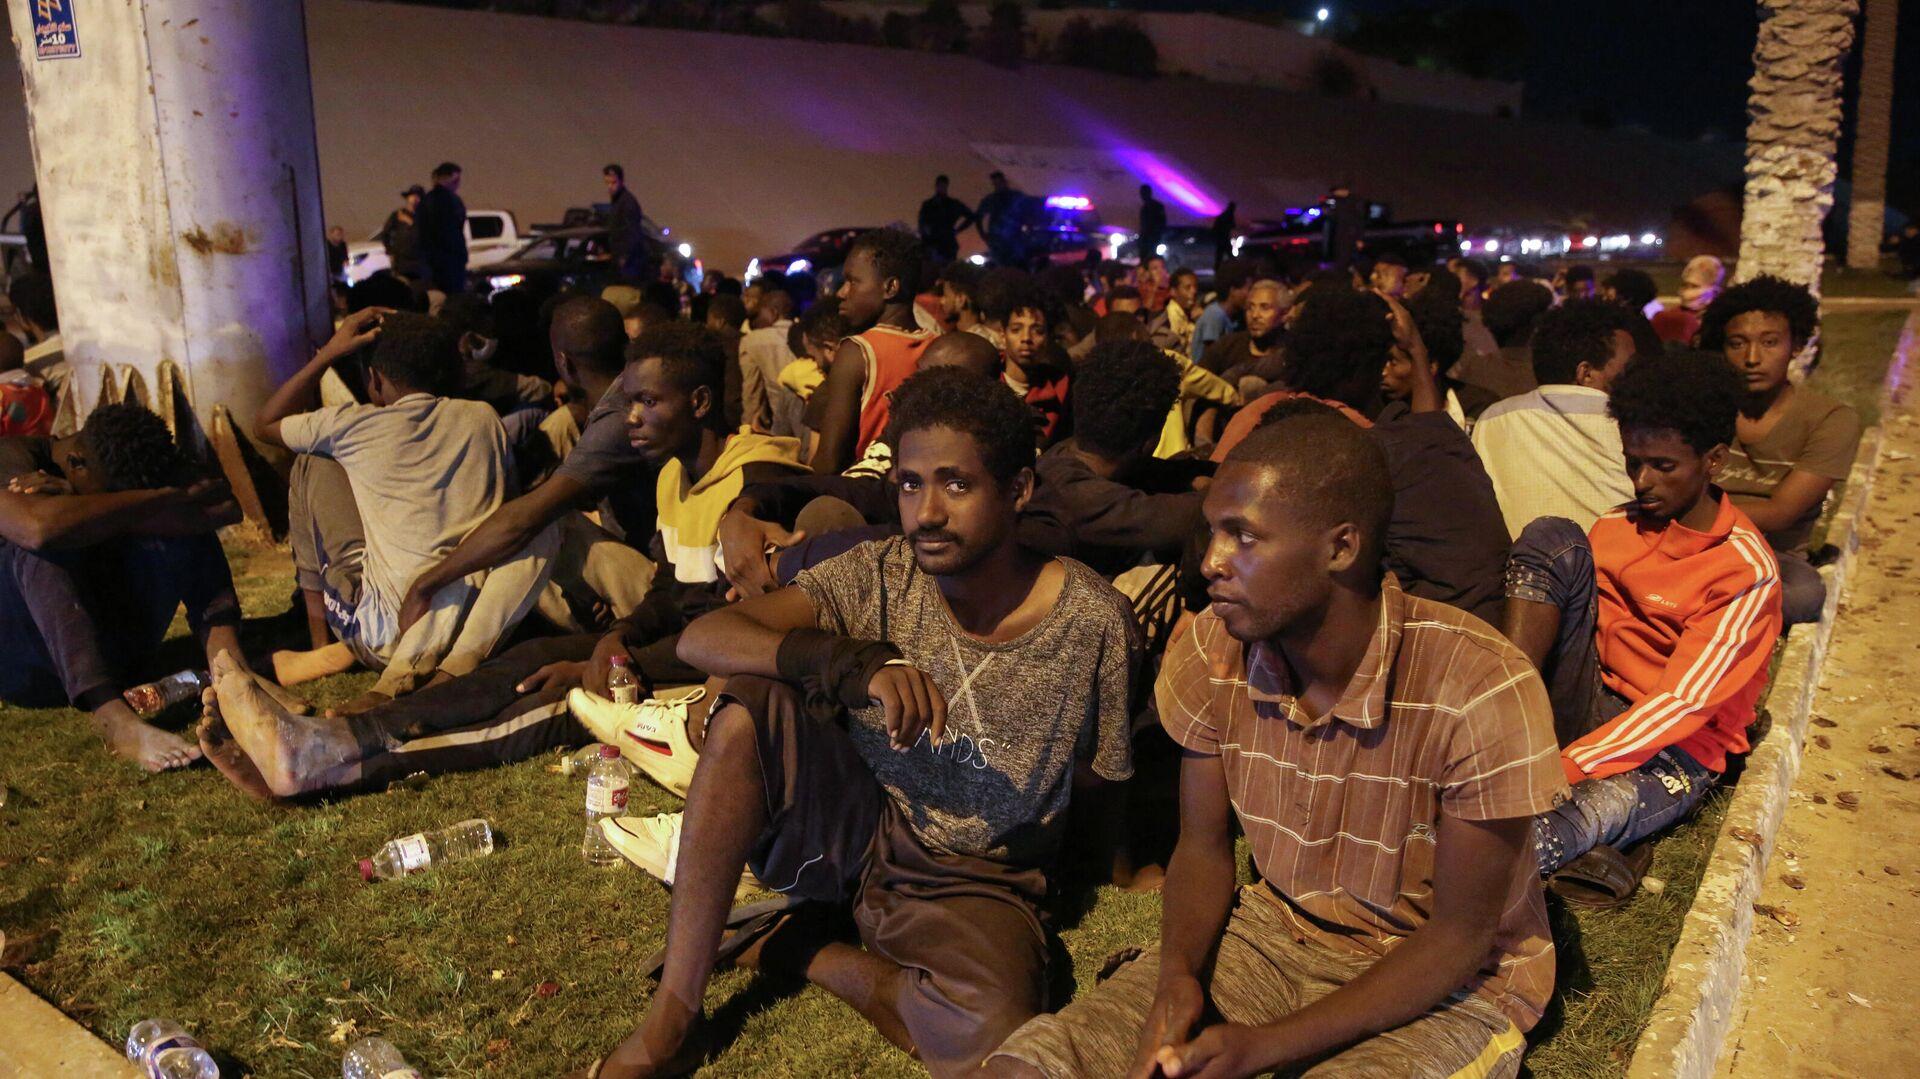 Migranten, die nach einem Fluchtversuch aus einer Hafteinrichtung in Tripolis von libyschen Sicherheitskräften am 8. Oktober 2021 wieder festgenommen wurden - SNA, 1920, 09.10.2021